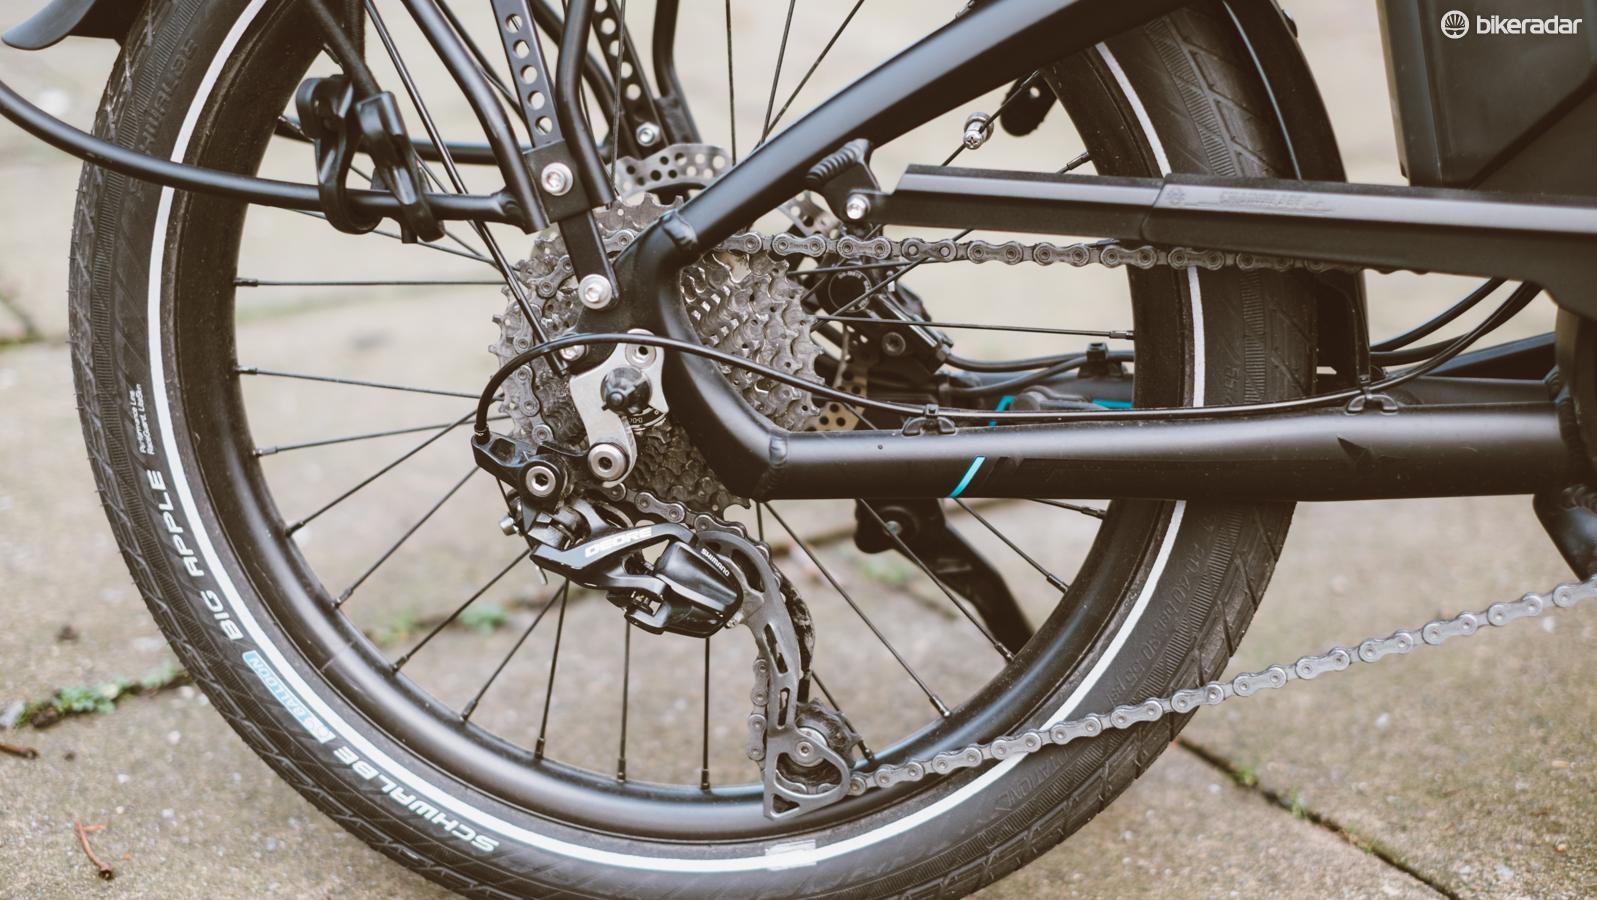 The mountain bike-derived 1x10 drivetrain looks like a solid choice to us